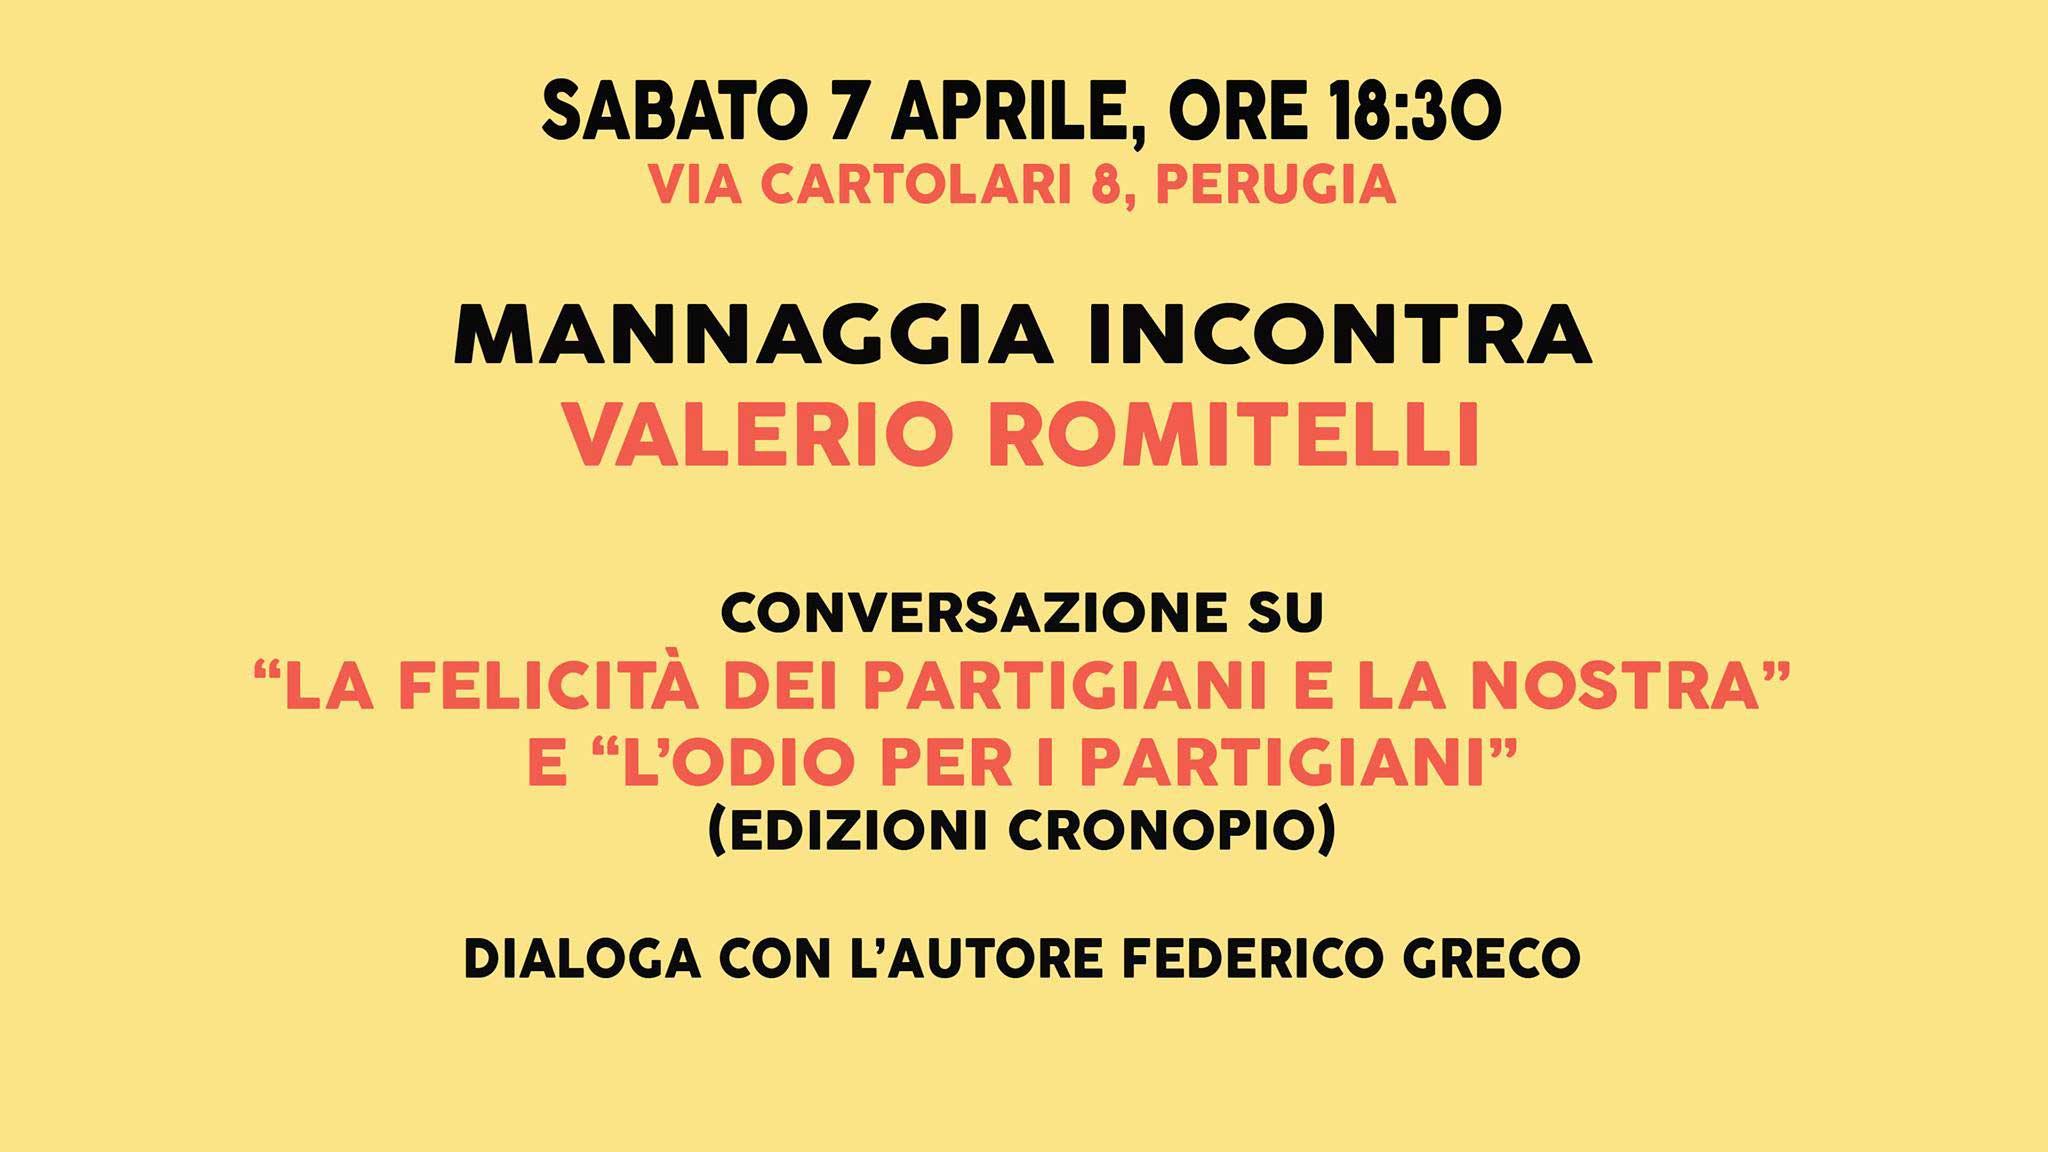 Mannaggia incontra Valerio Romitelli